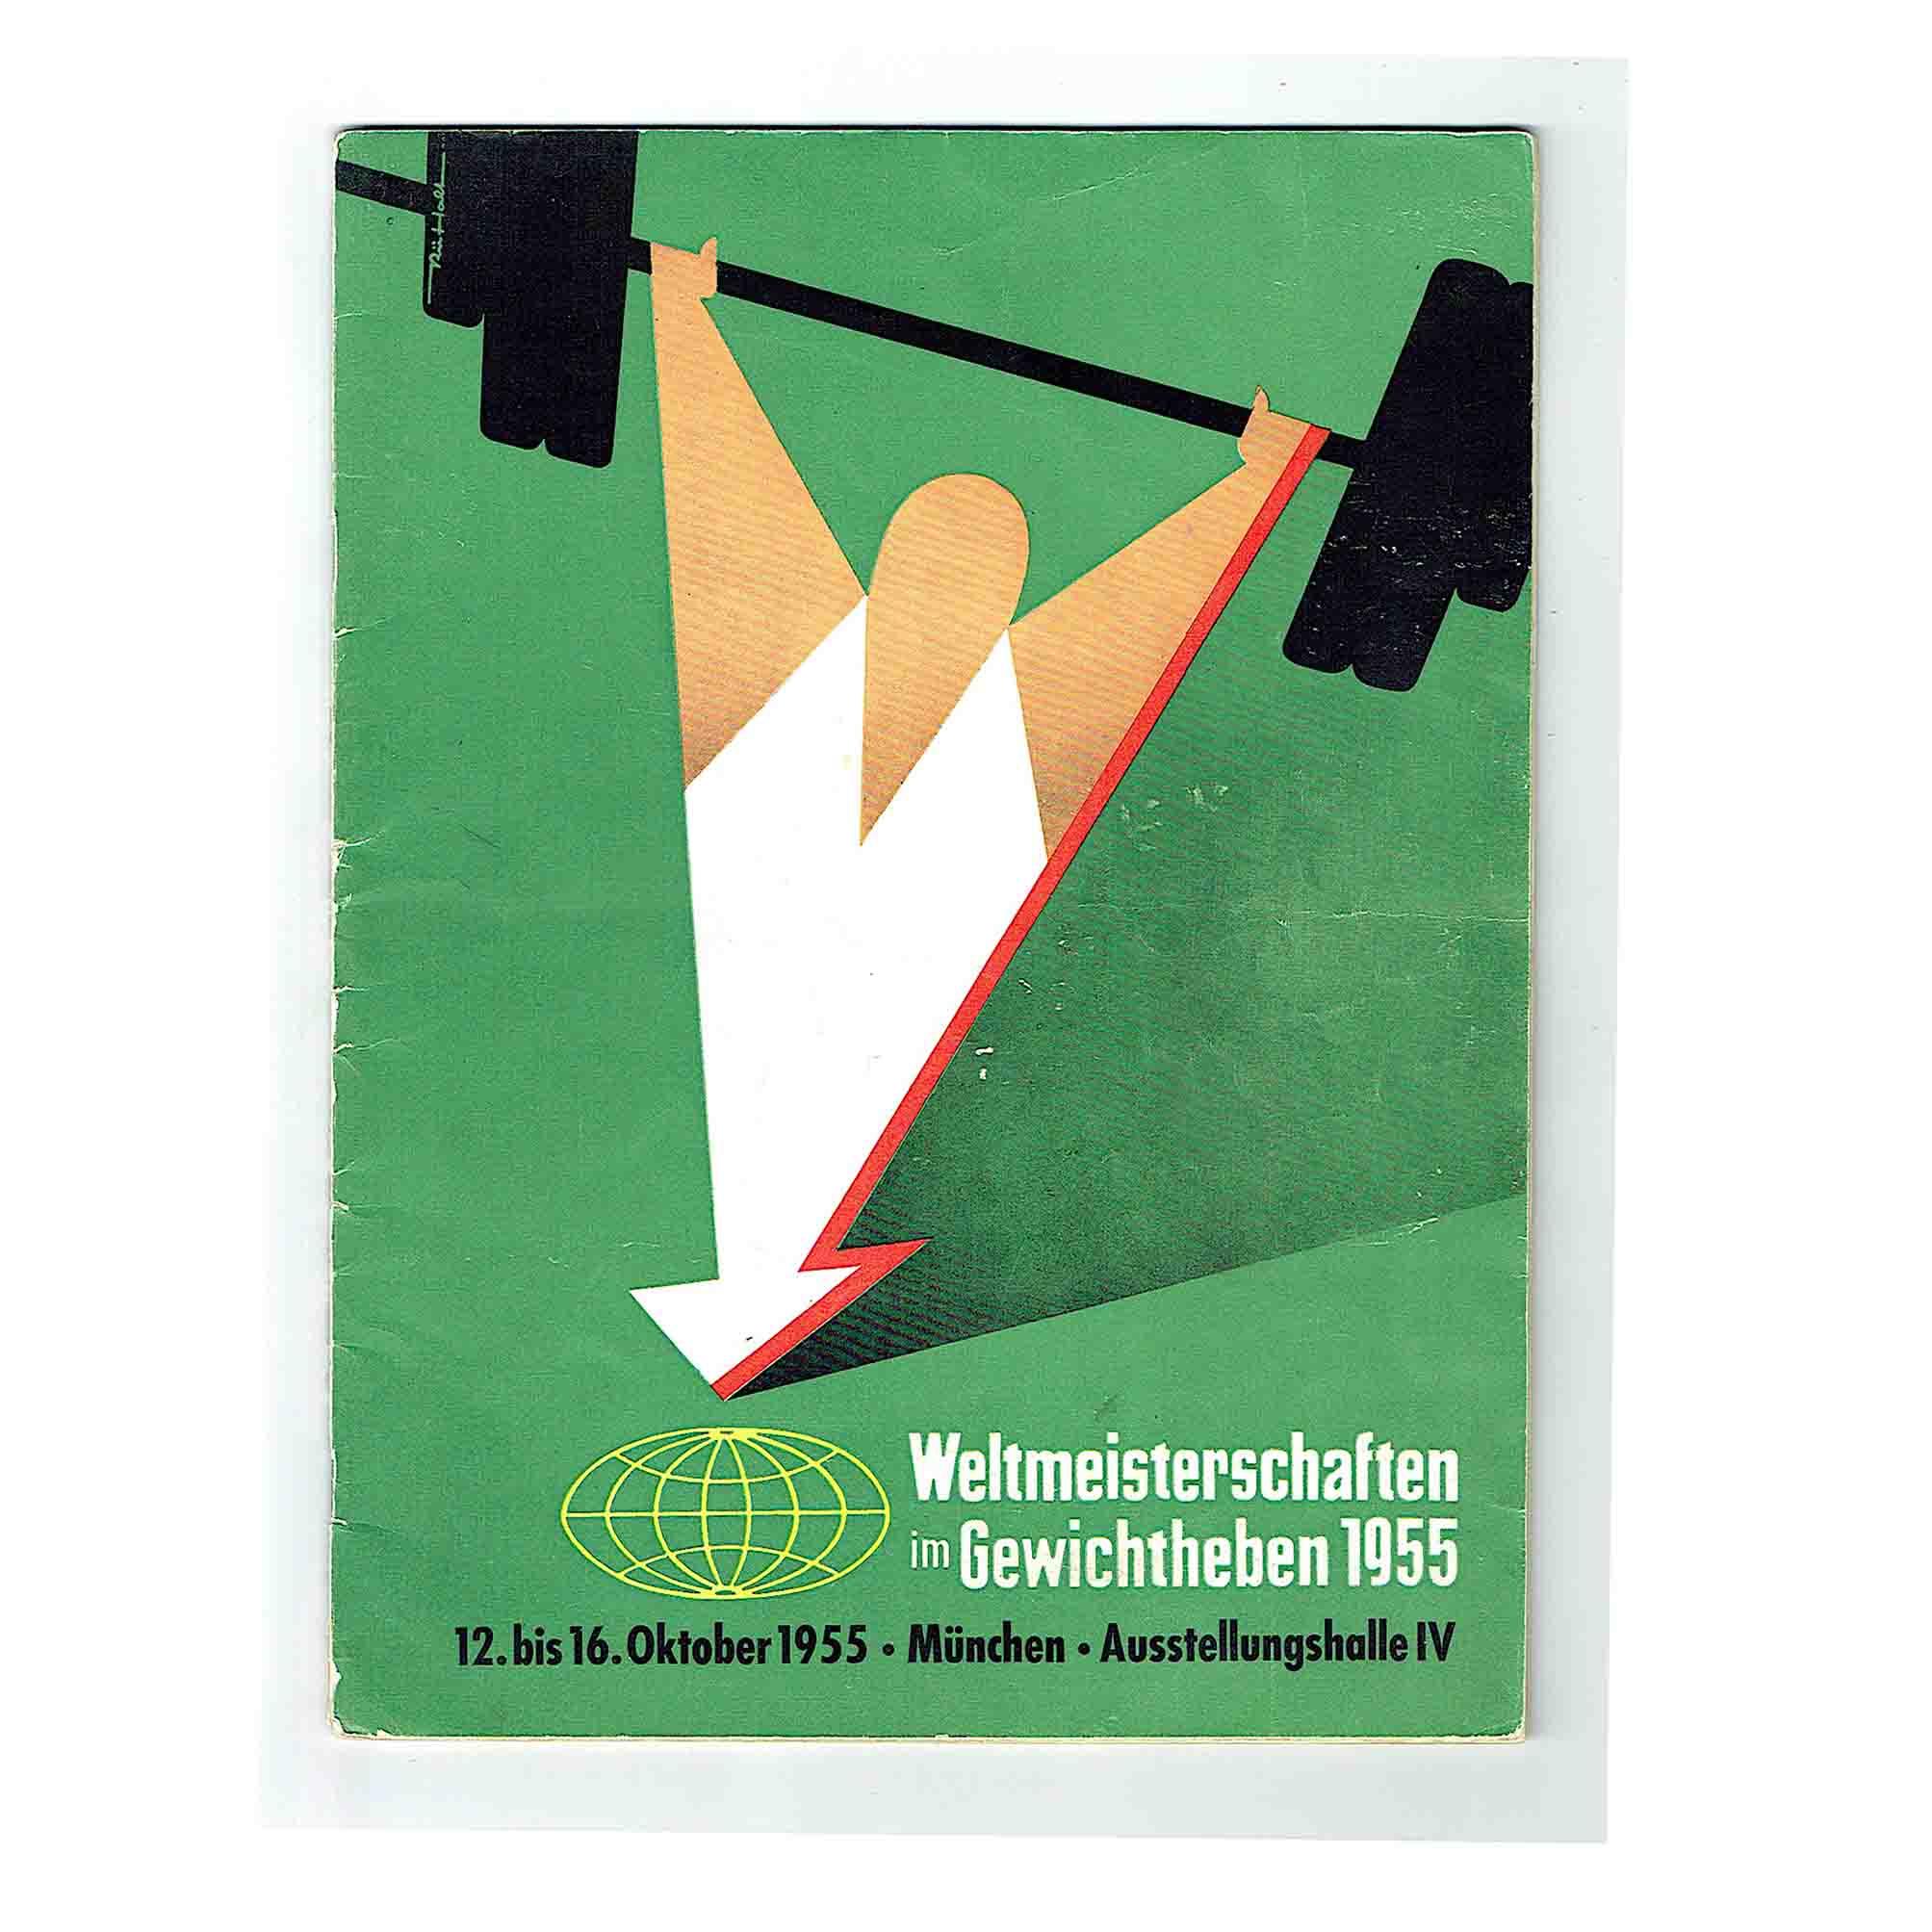 5586-WM-Gewichtheben-1955-Umschlag-N.jpeg